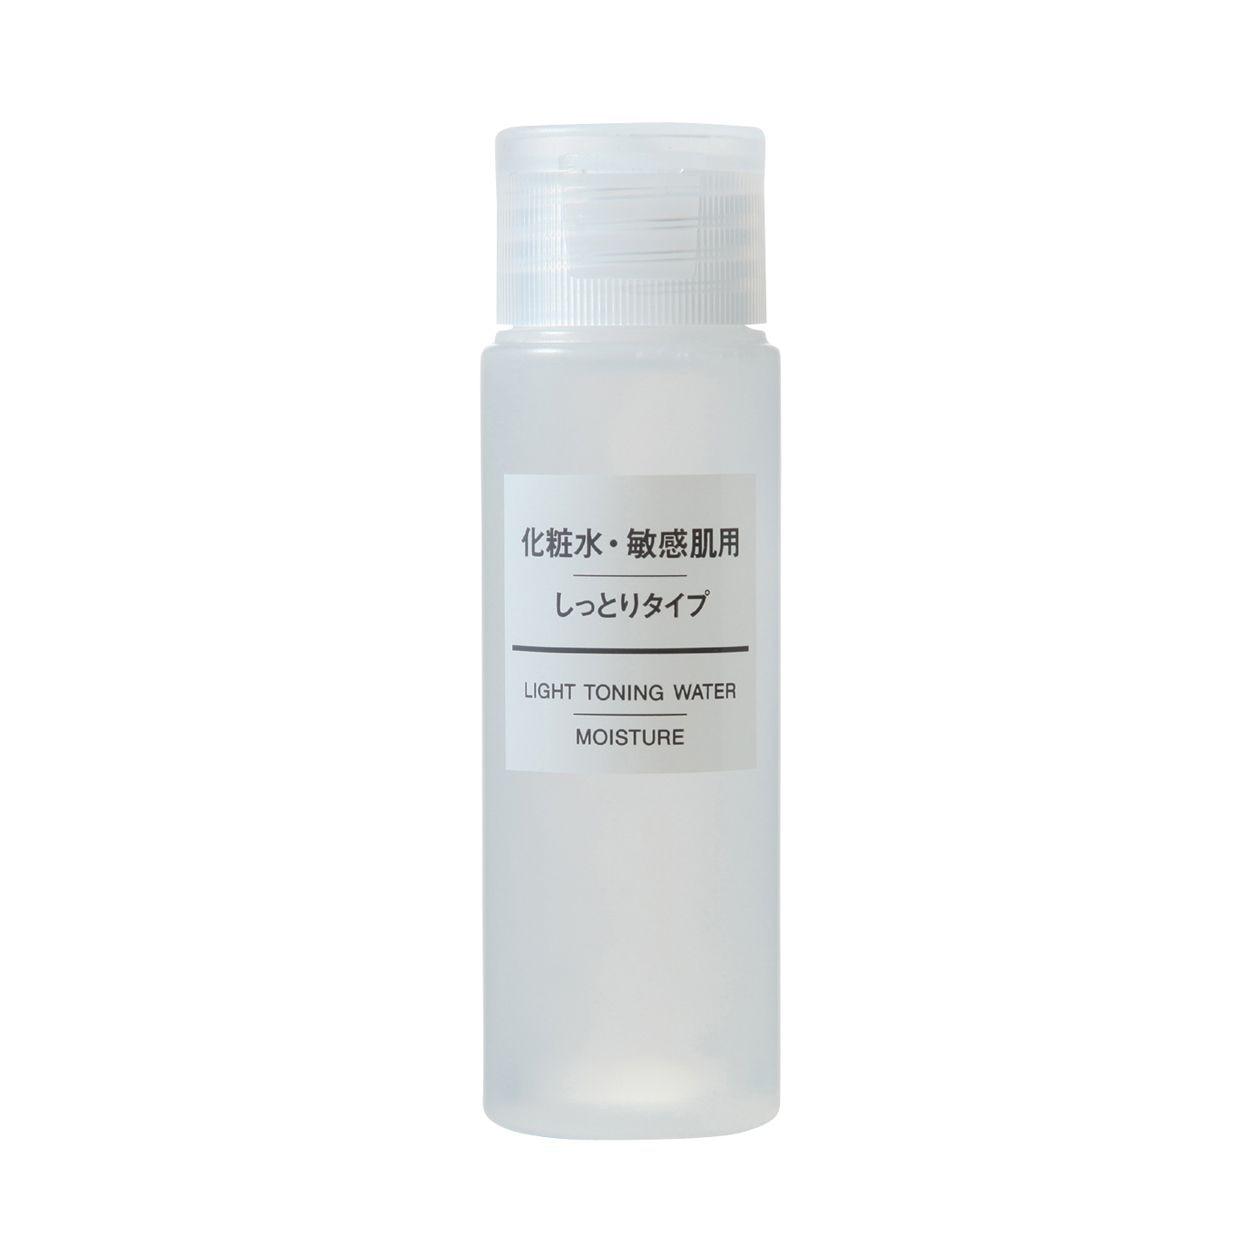 化粧水・敏感肌用・しっとりタイプ(携帯用)